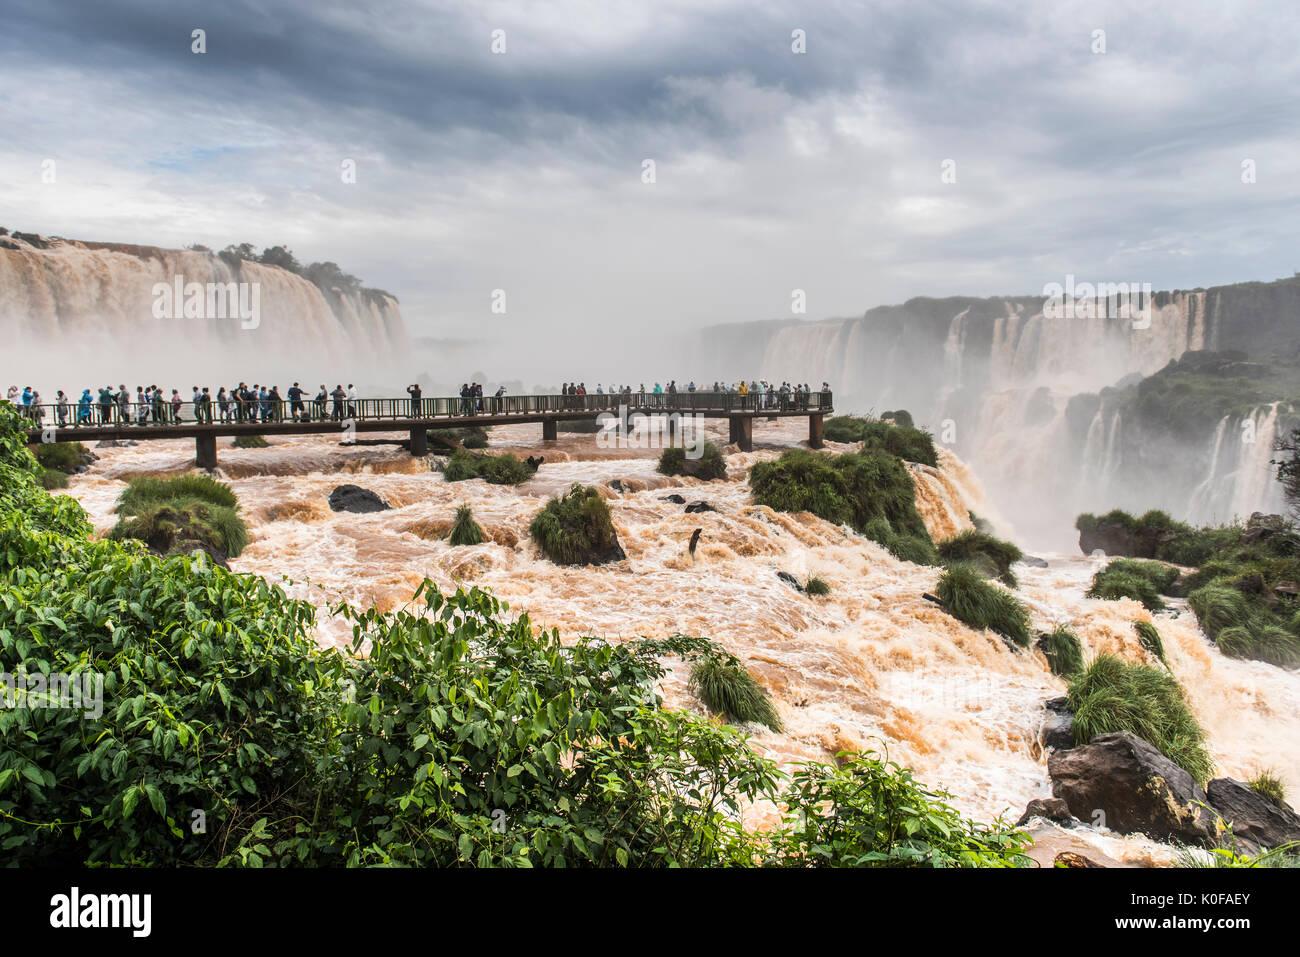 Les touristes sur l'affichage de la plate-forme, chutes d'Iguazú, Foz Do Iguacu, Parana, Brésil Banque D'Images